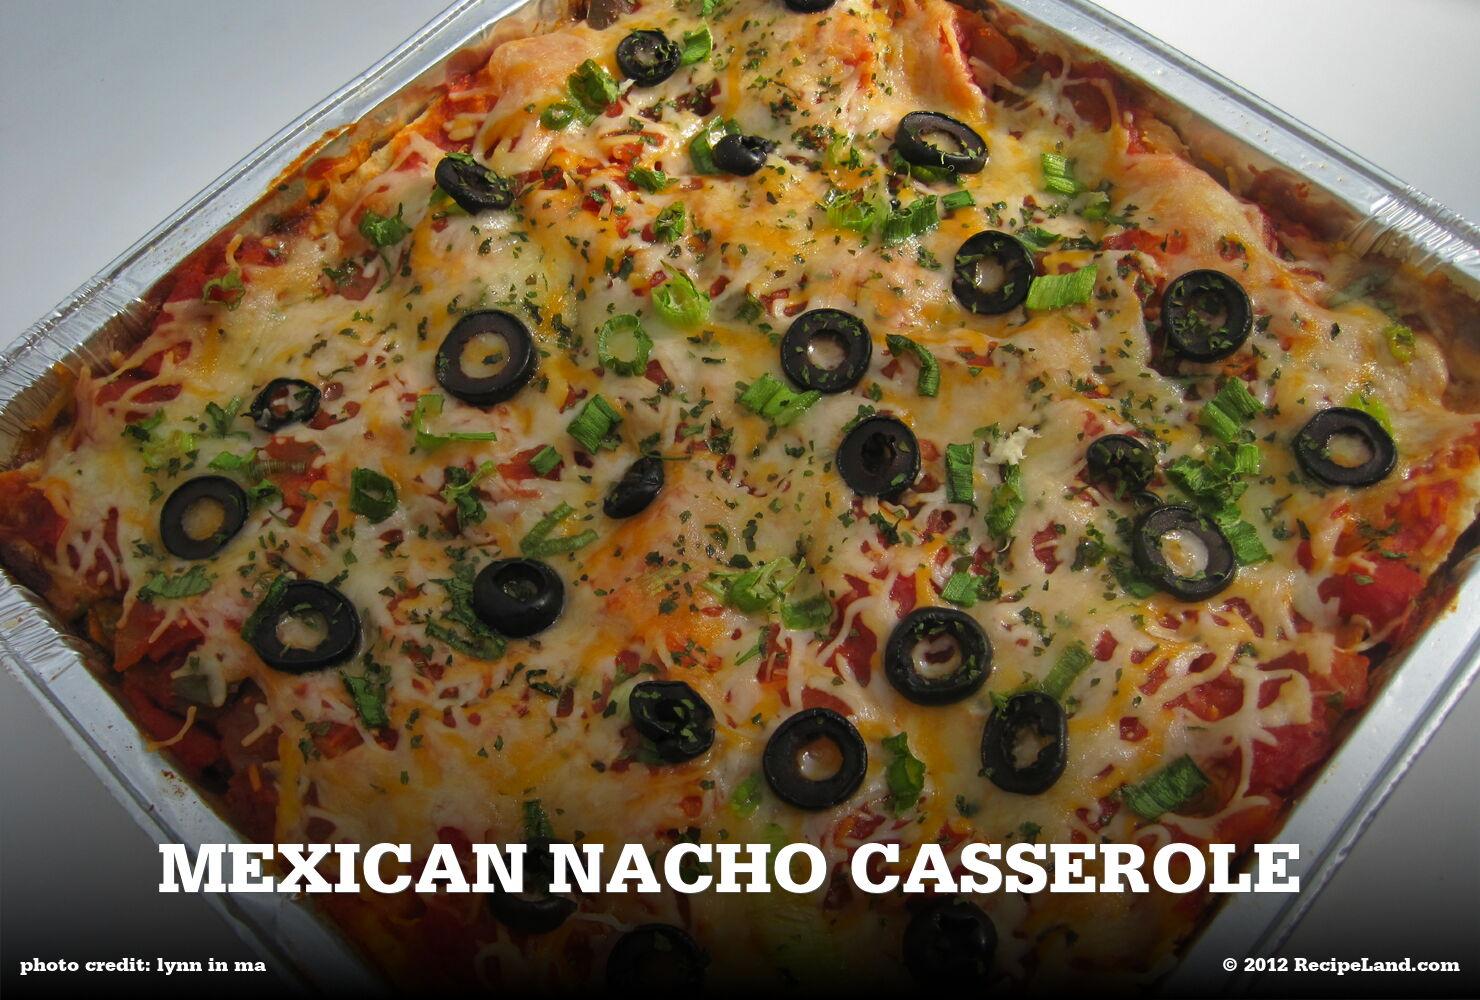 Mexican Nacho Casserole